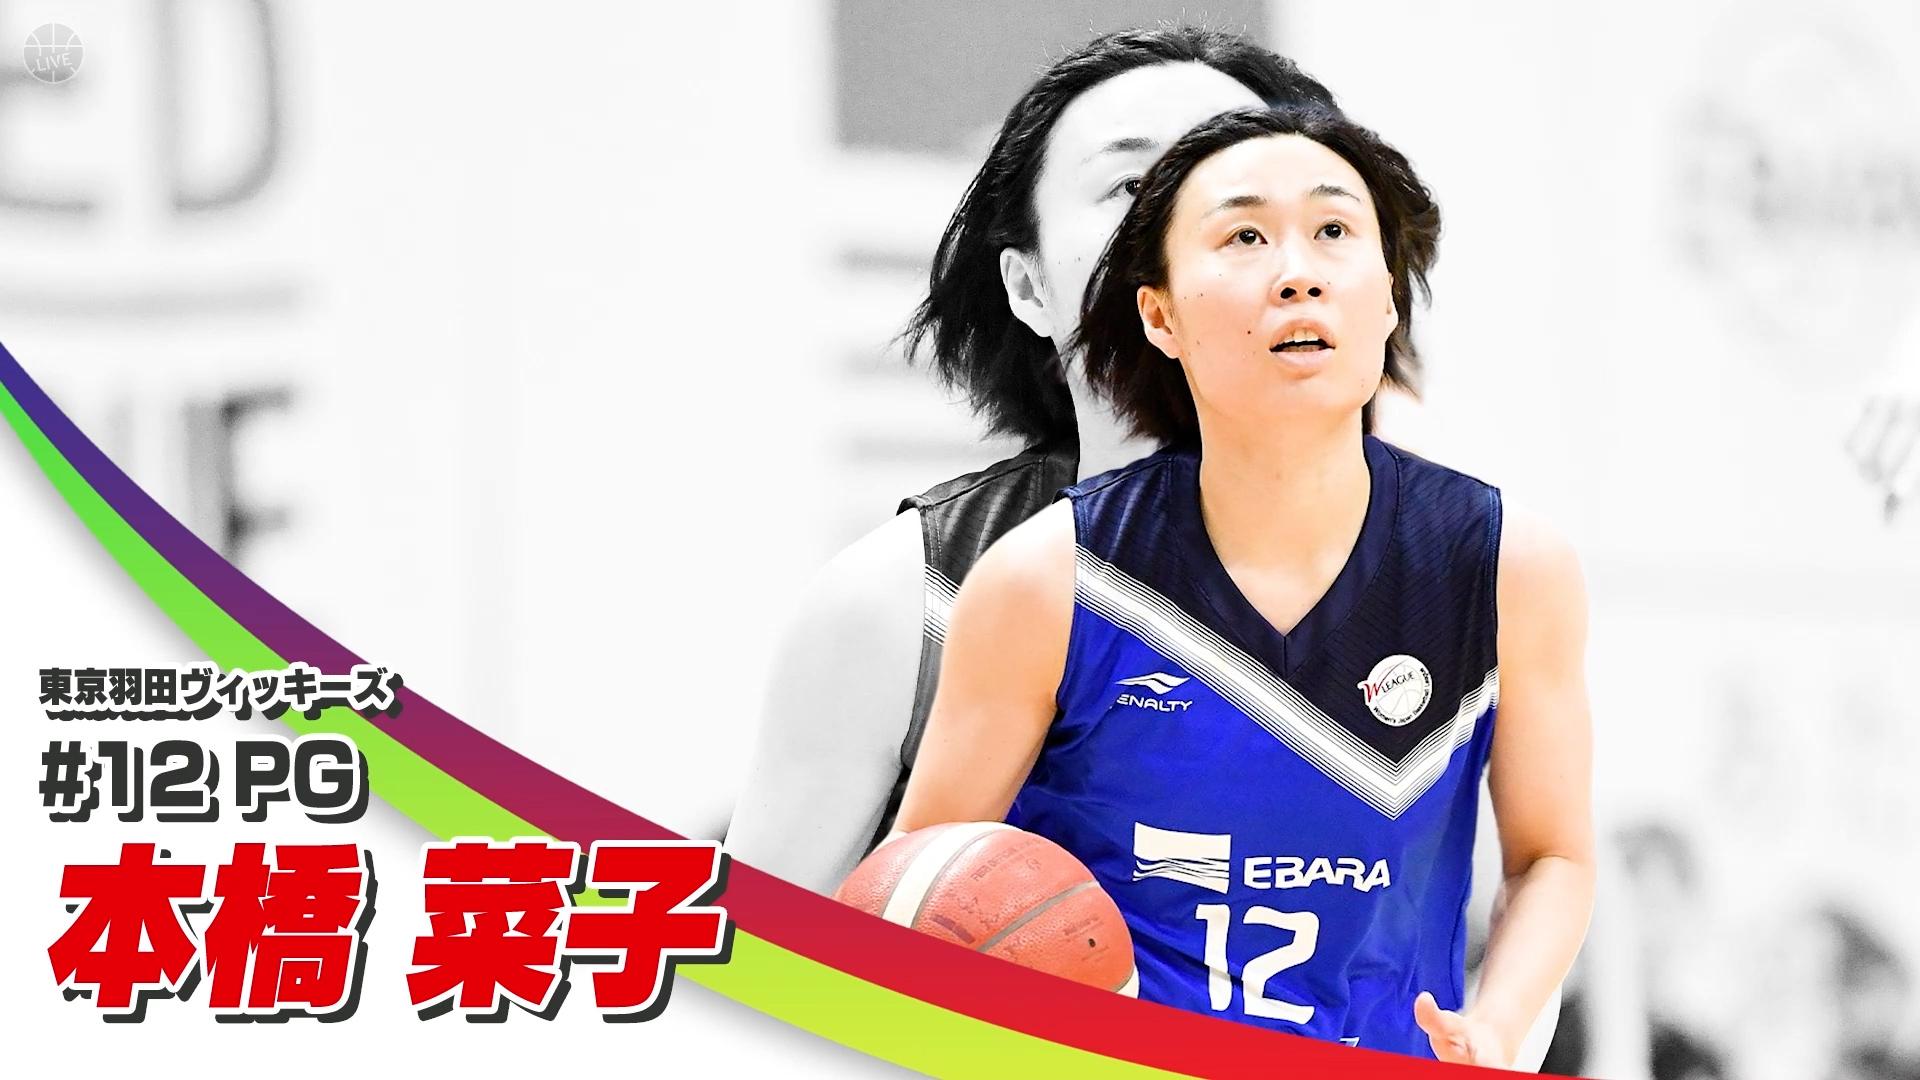 【女子バスケ】Wリーグ開幕!注目選手!本橋菜子(東京羽田ヴィッキーズ)